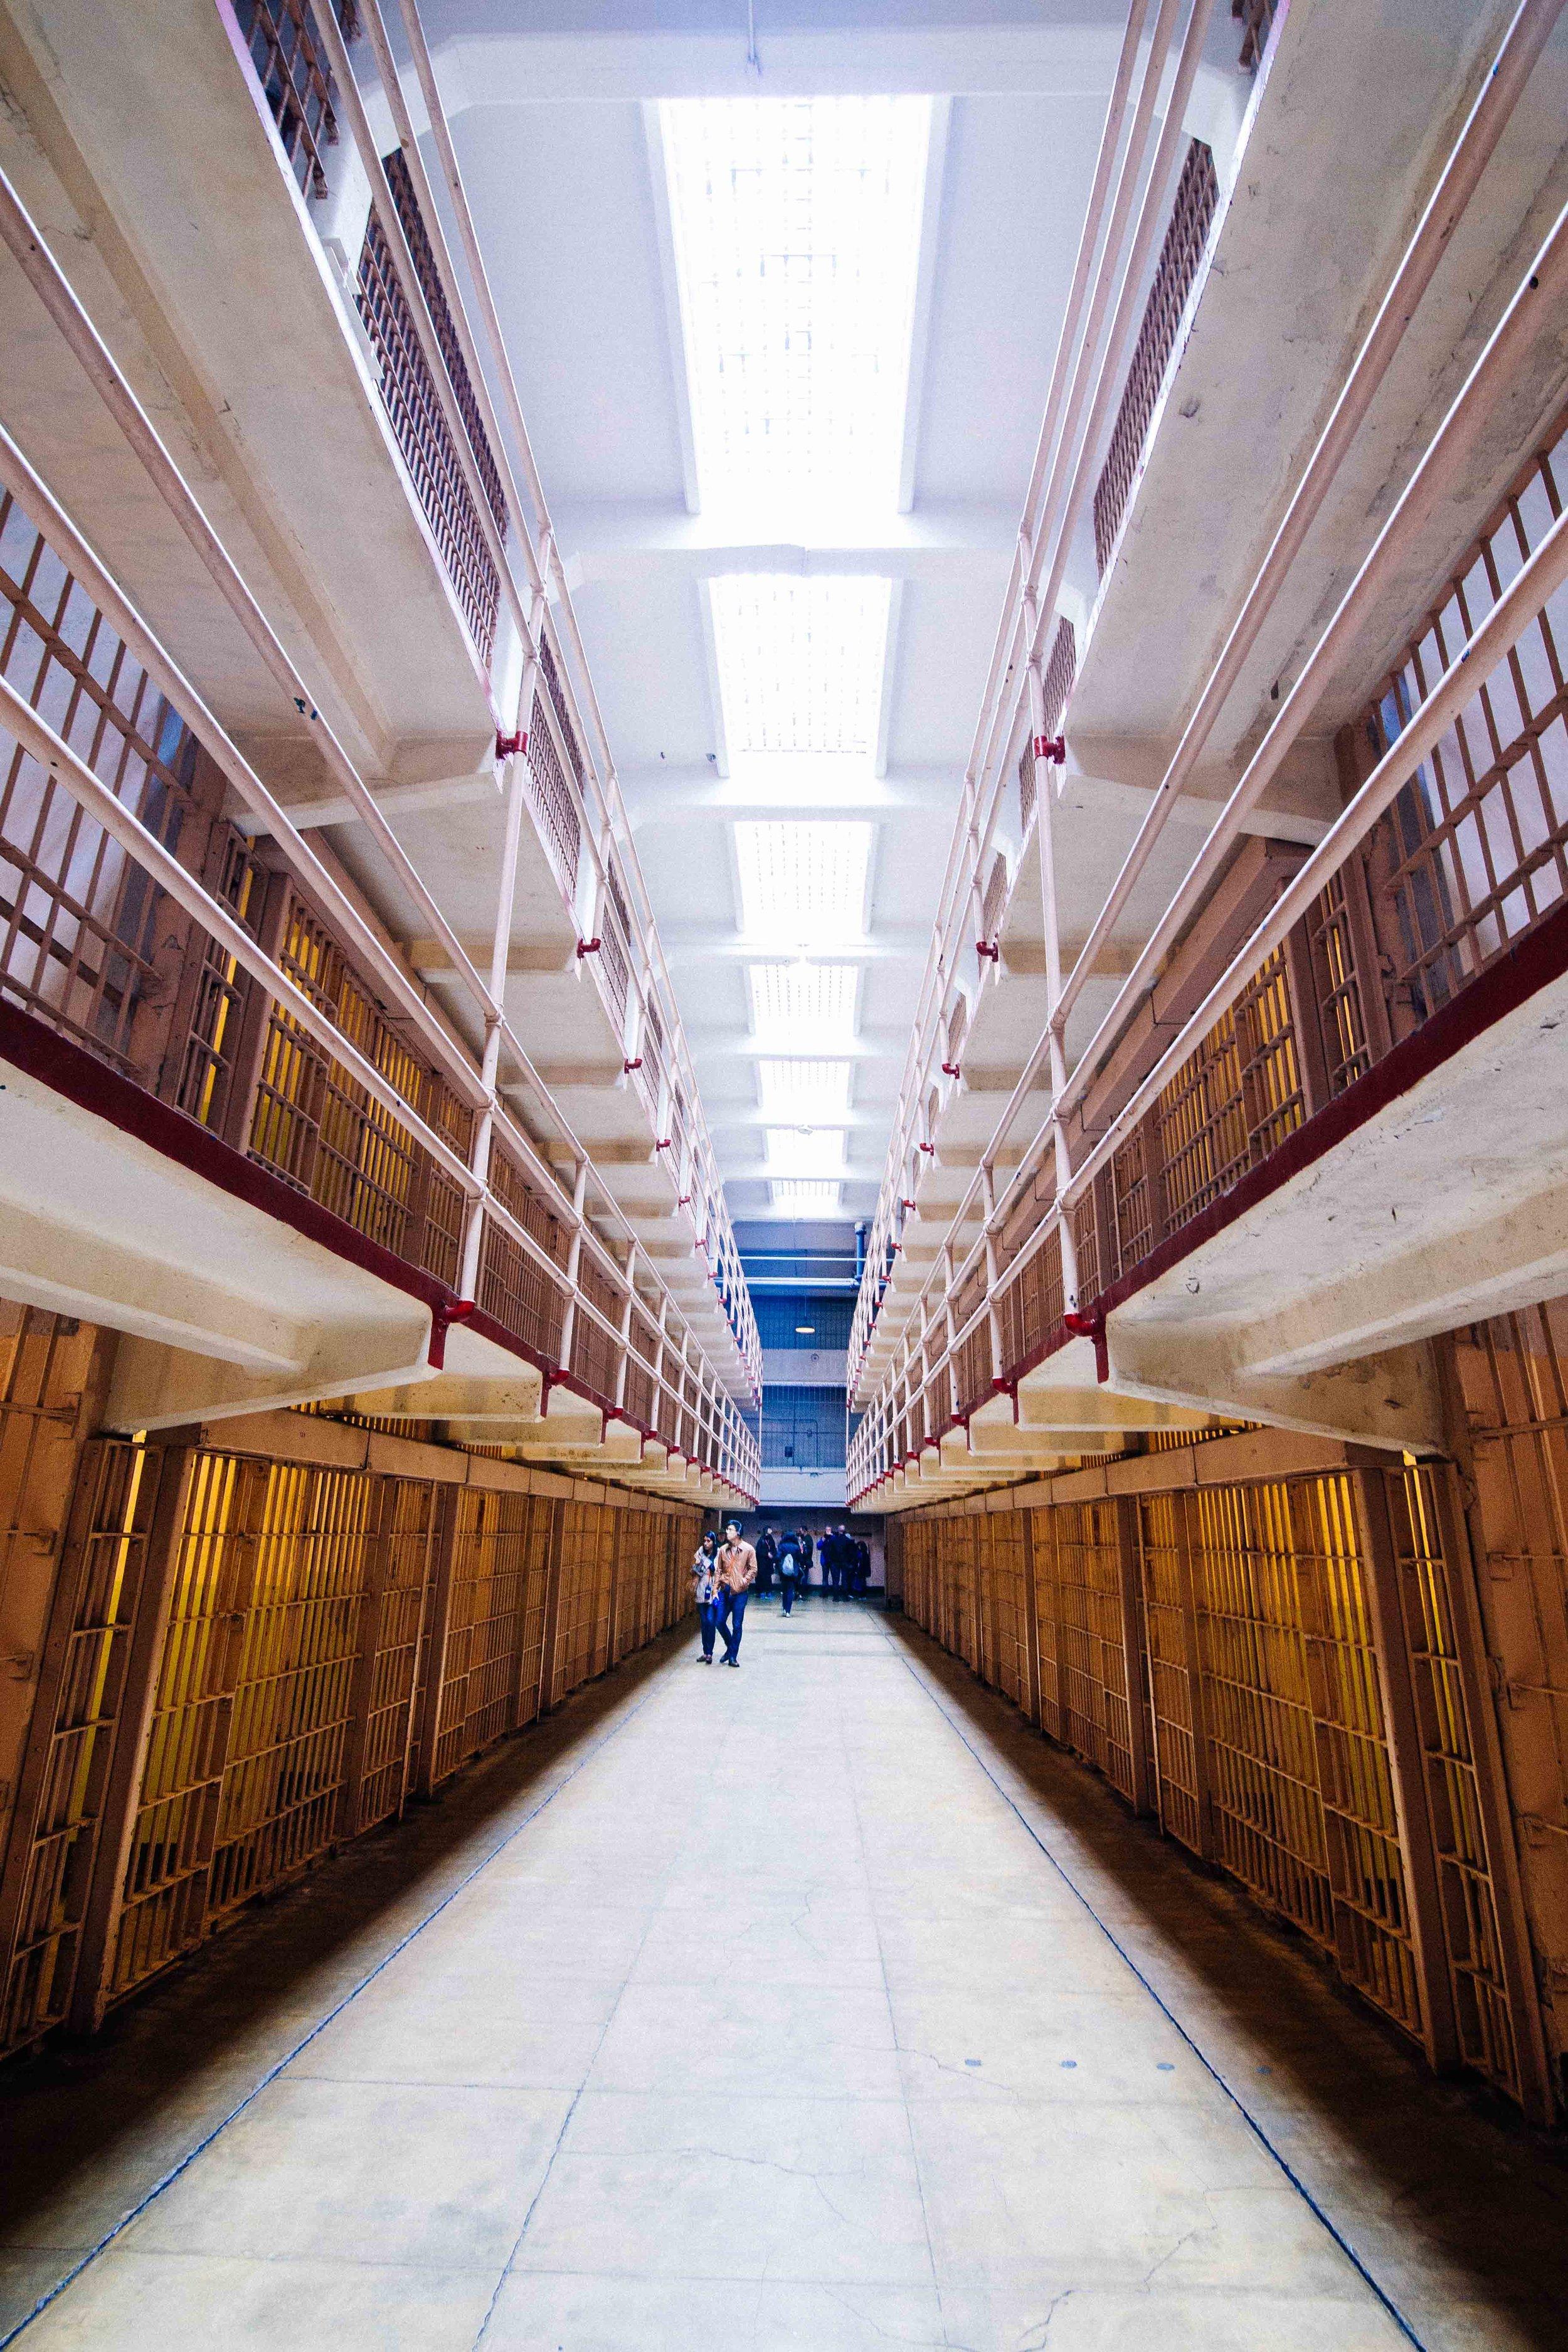 Inside Alcatraz in San Francisco. Photo: Marine Raynard